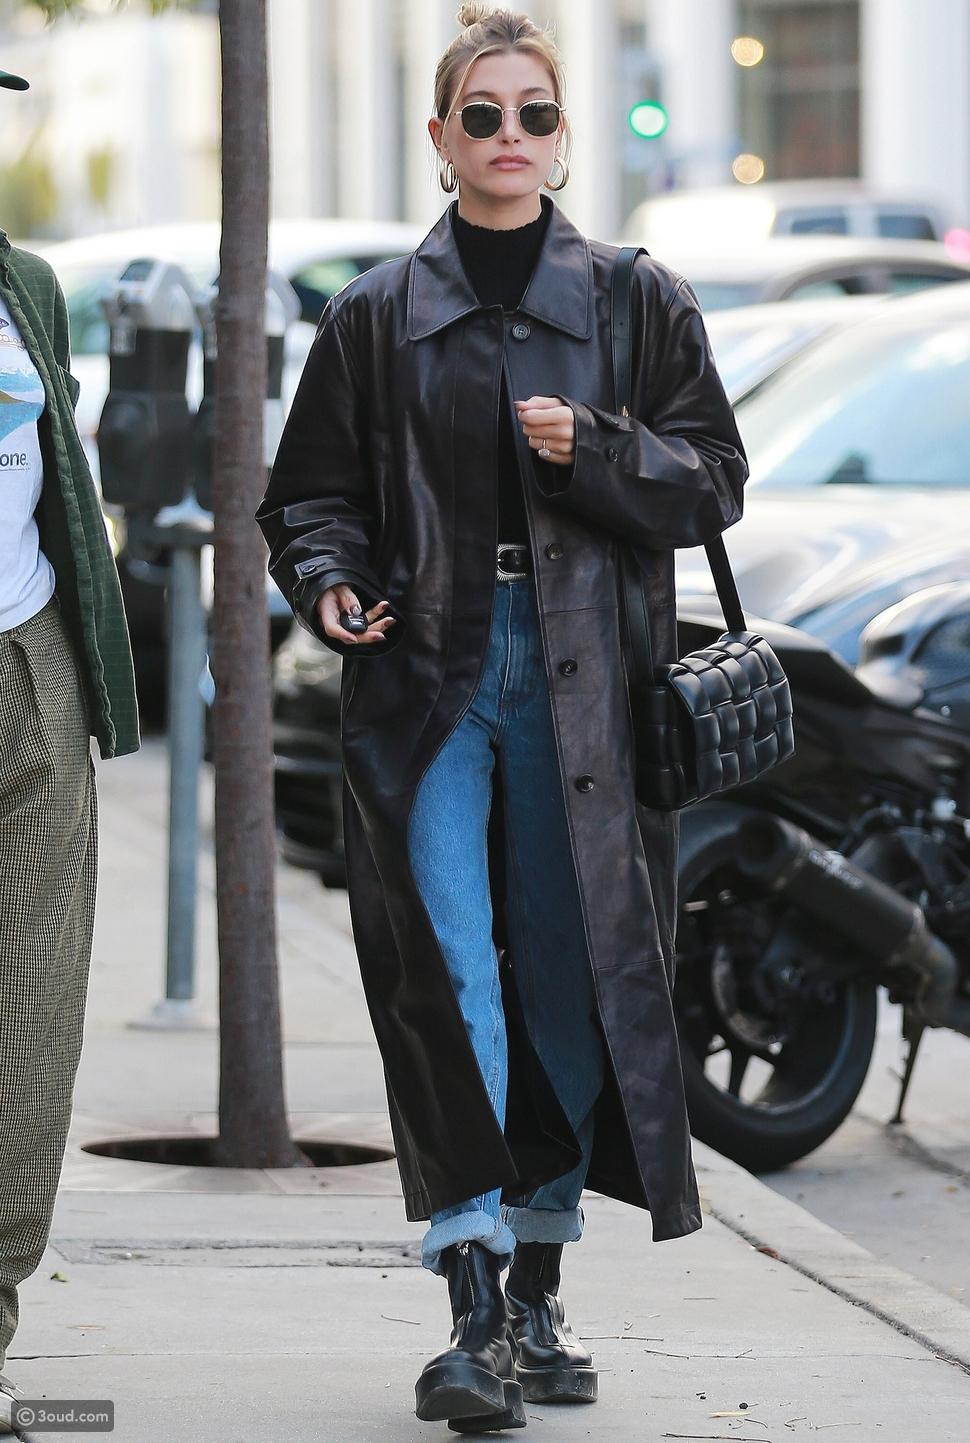 عارضة الأزياءهيلي بيبرHailey Bieber